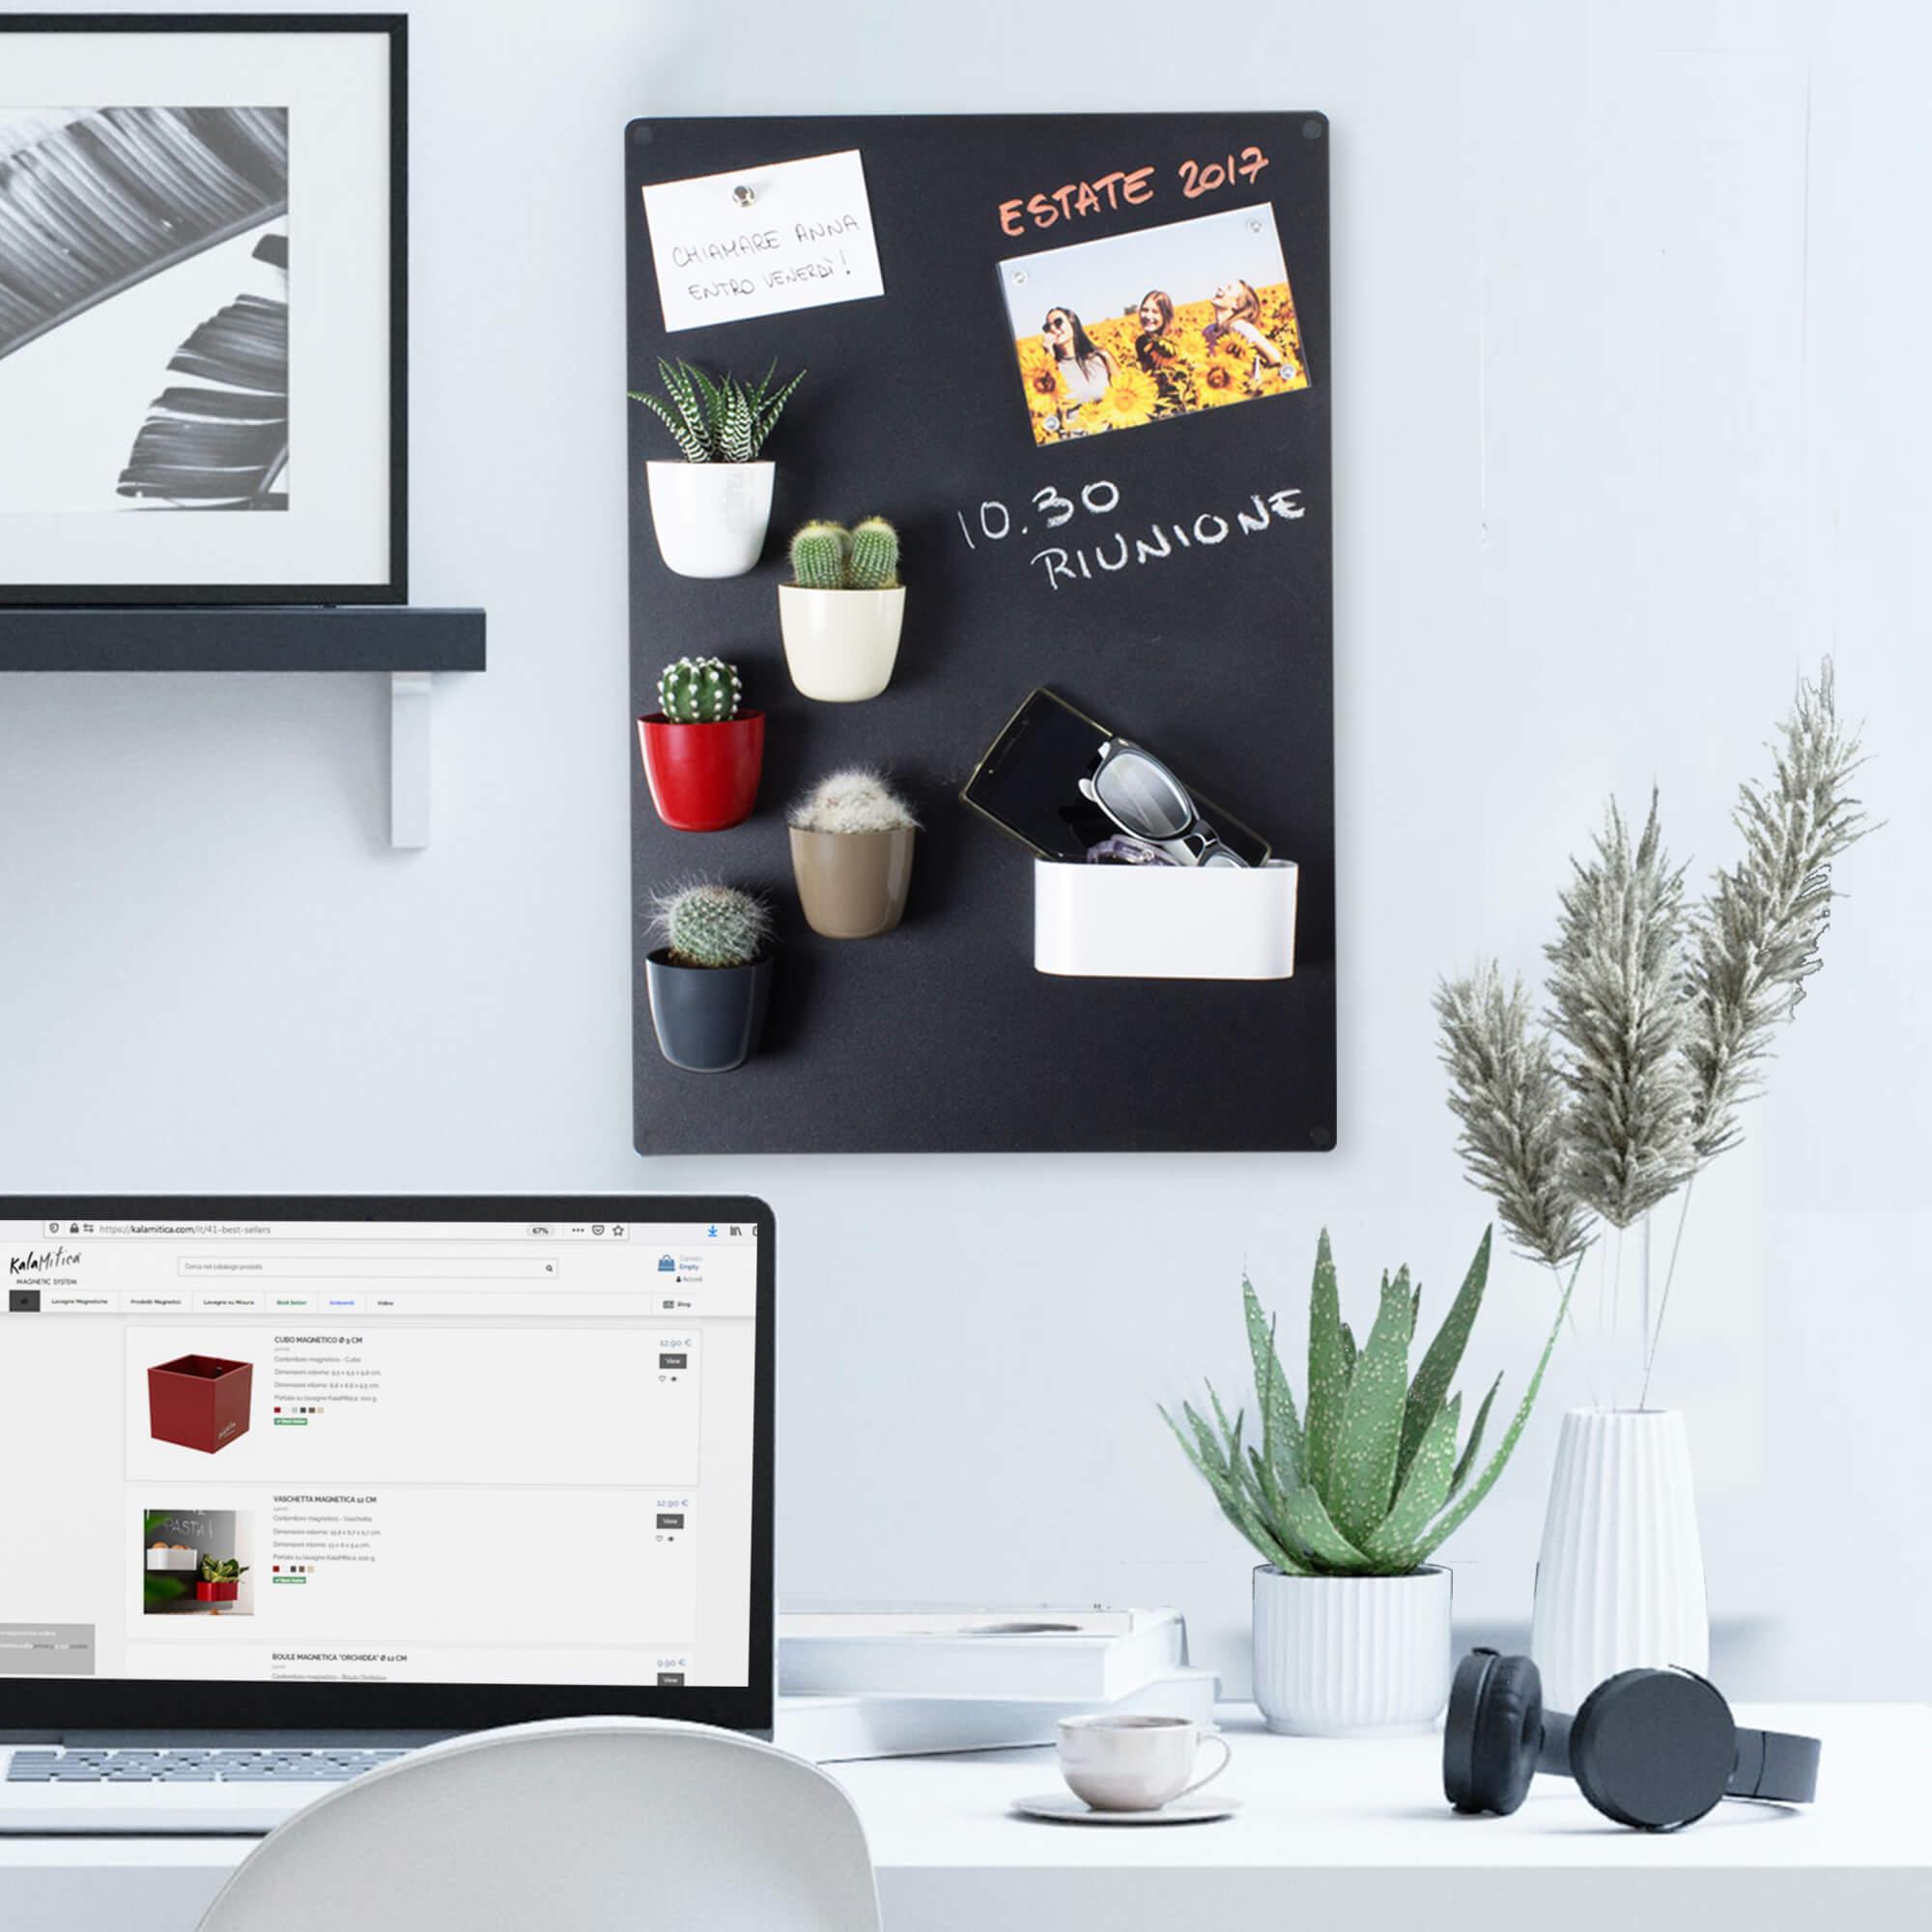 Lavagna magnetica KalaMitica, dimensioni 56x38 cm, colore antracite, con accessori magnetici e vasi con mini cactus, idea di arredo per scrivania e camera da letto